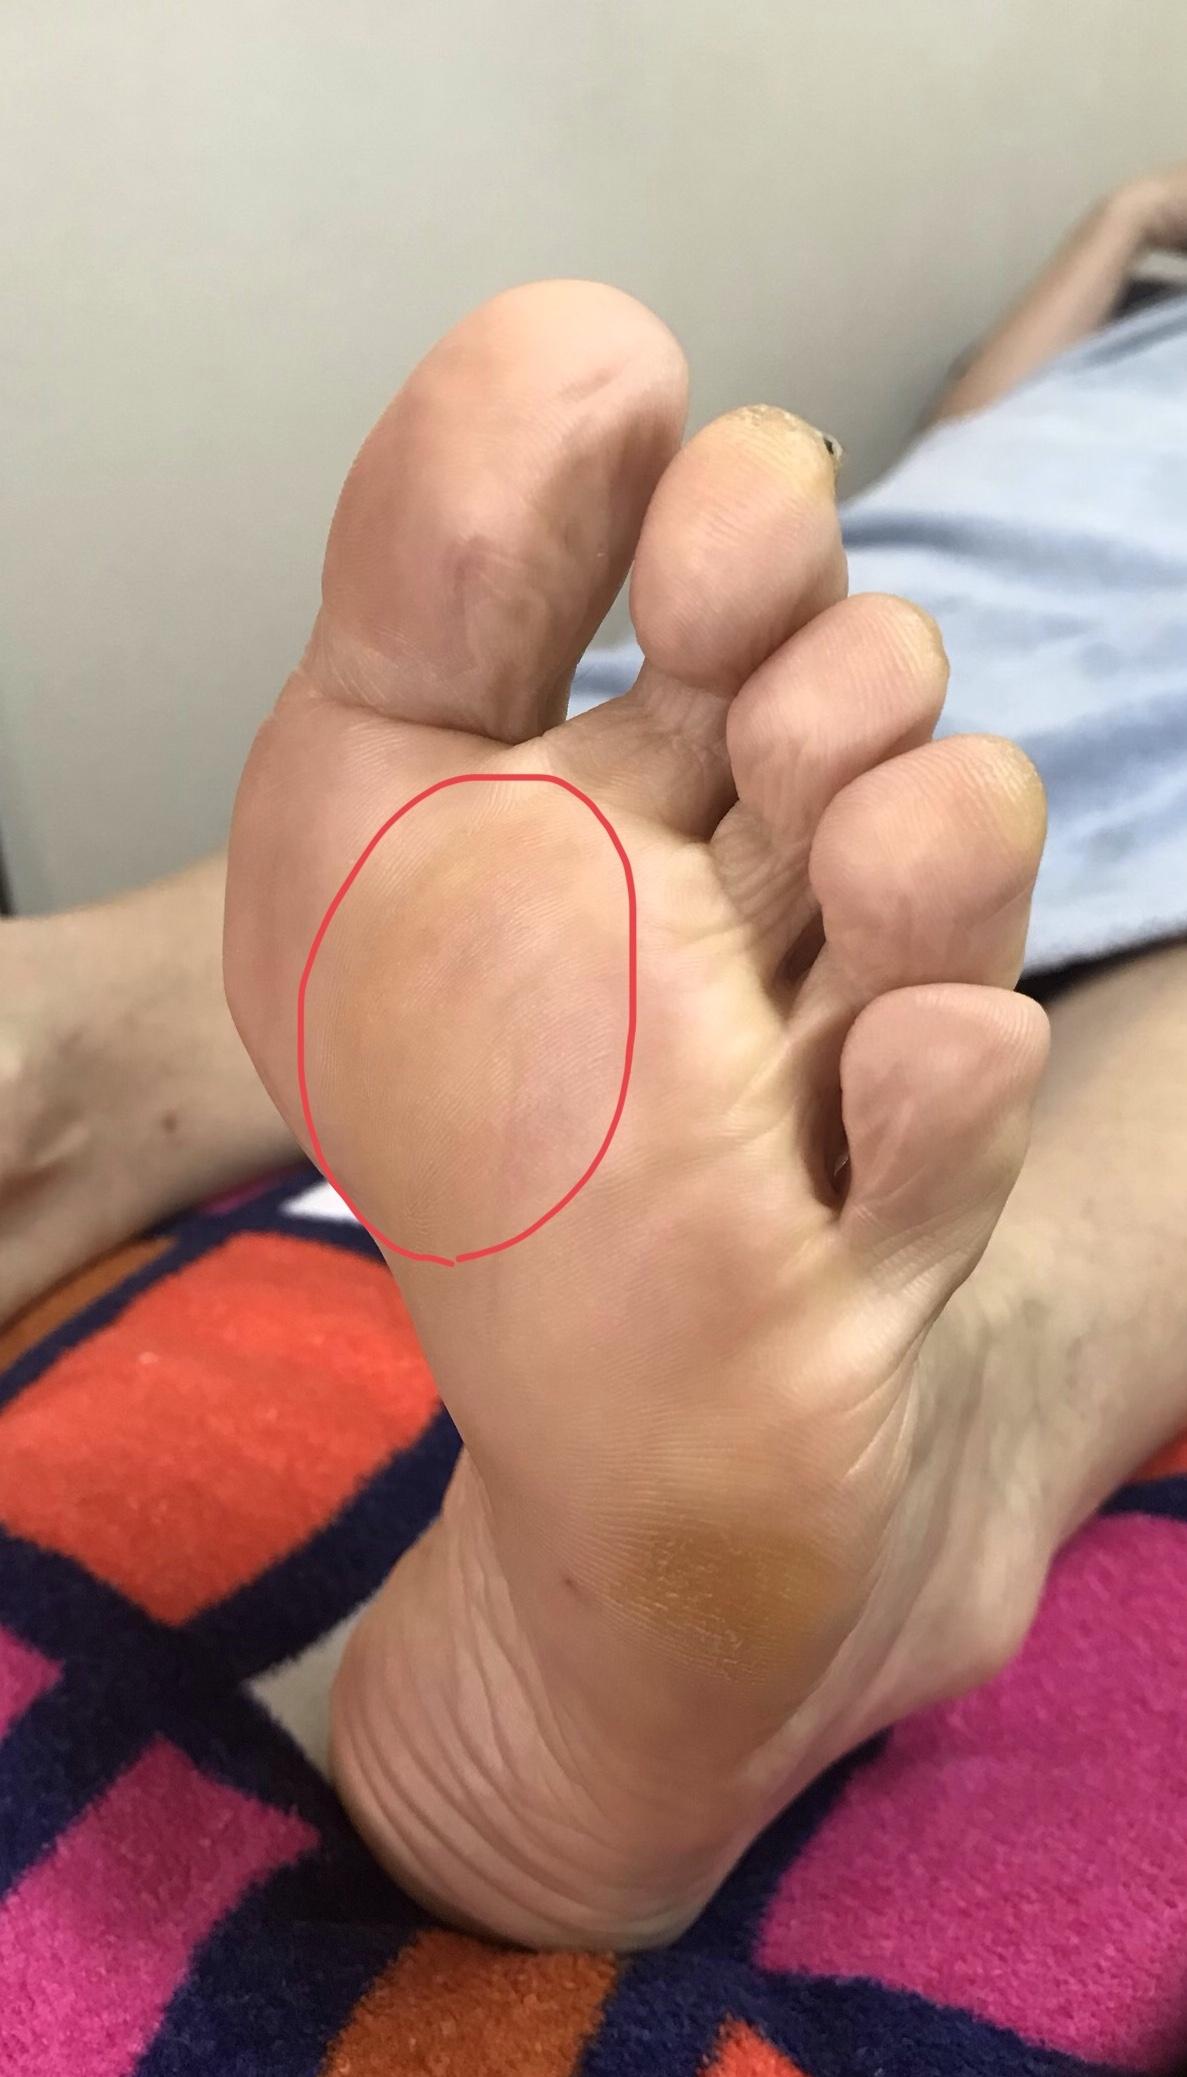 足に現れる身体のサイン…足裏の上部中央に角質、魚の目、タコ